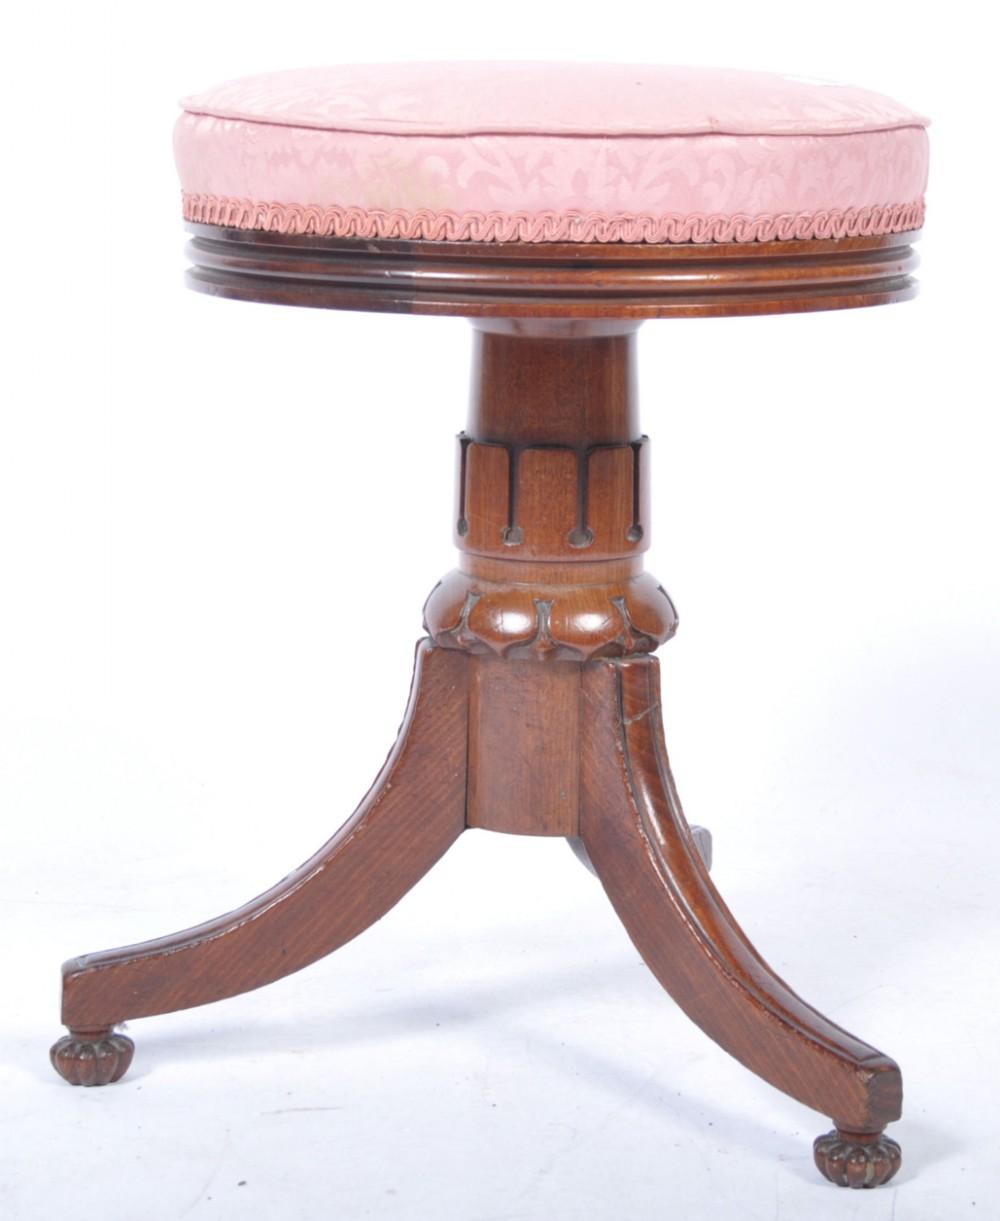 c19th mahogany piano stool